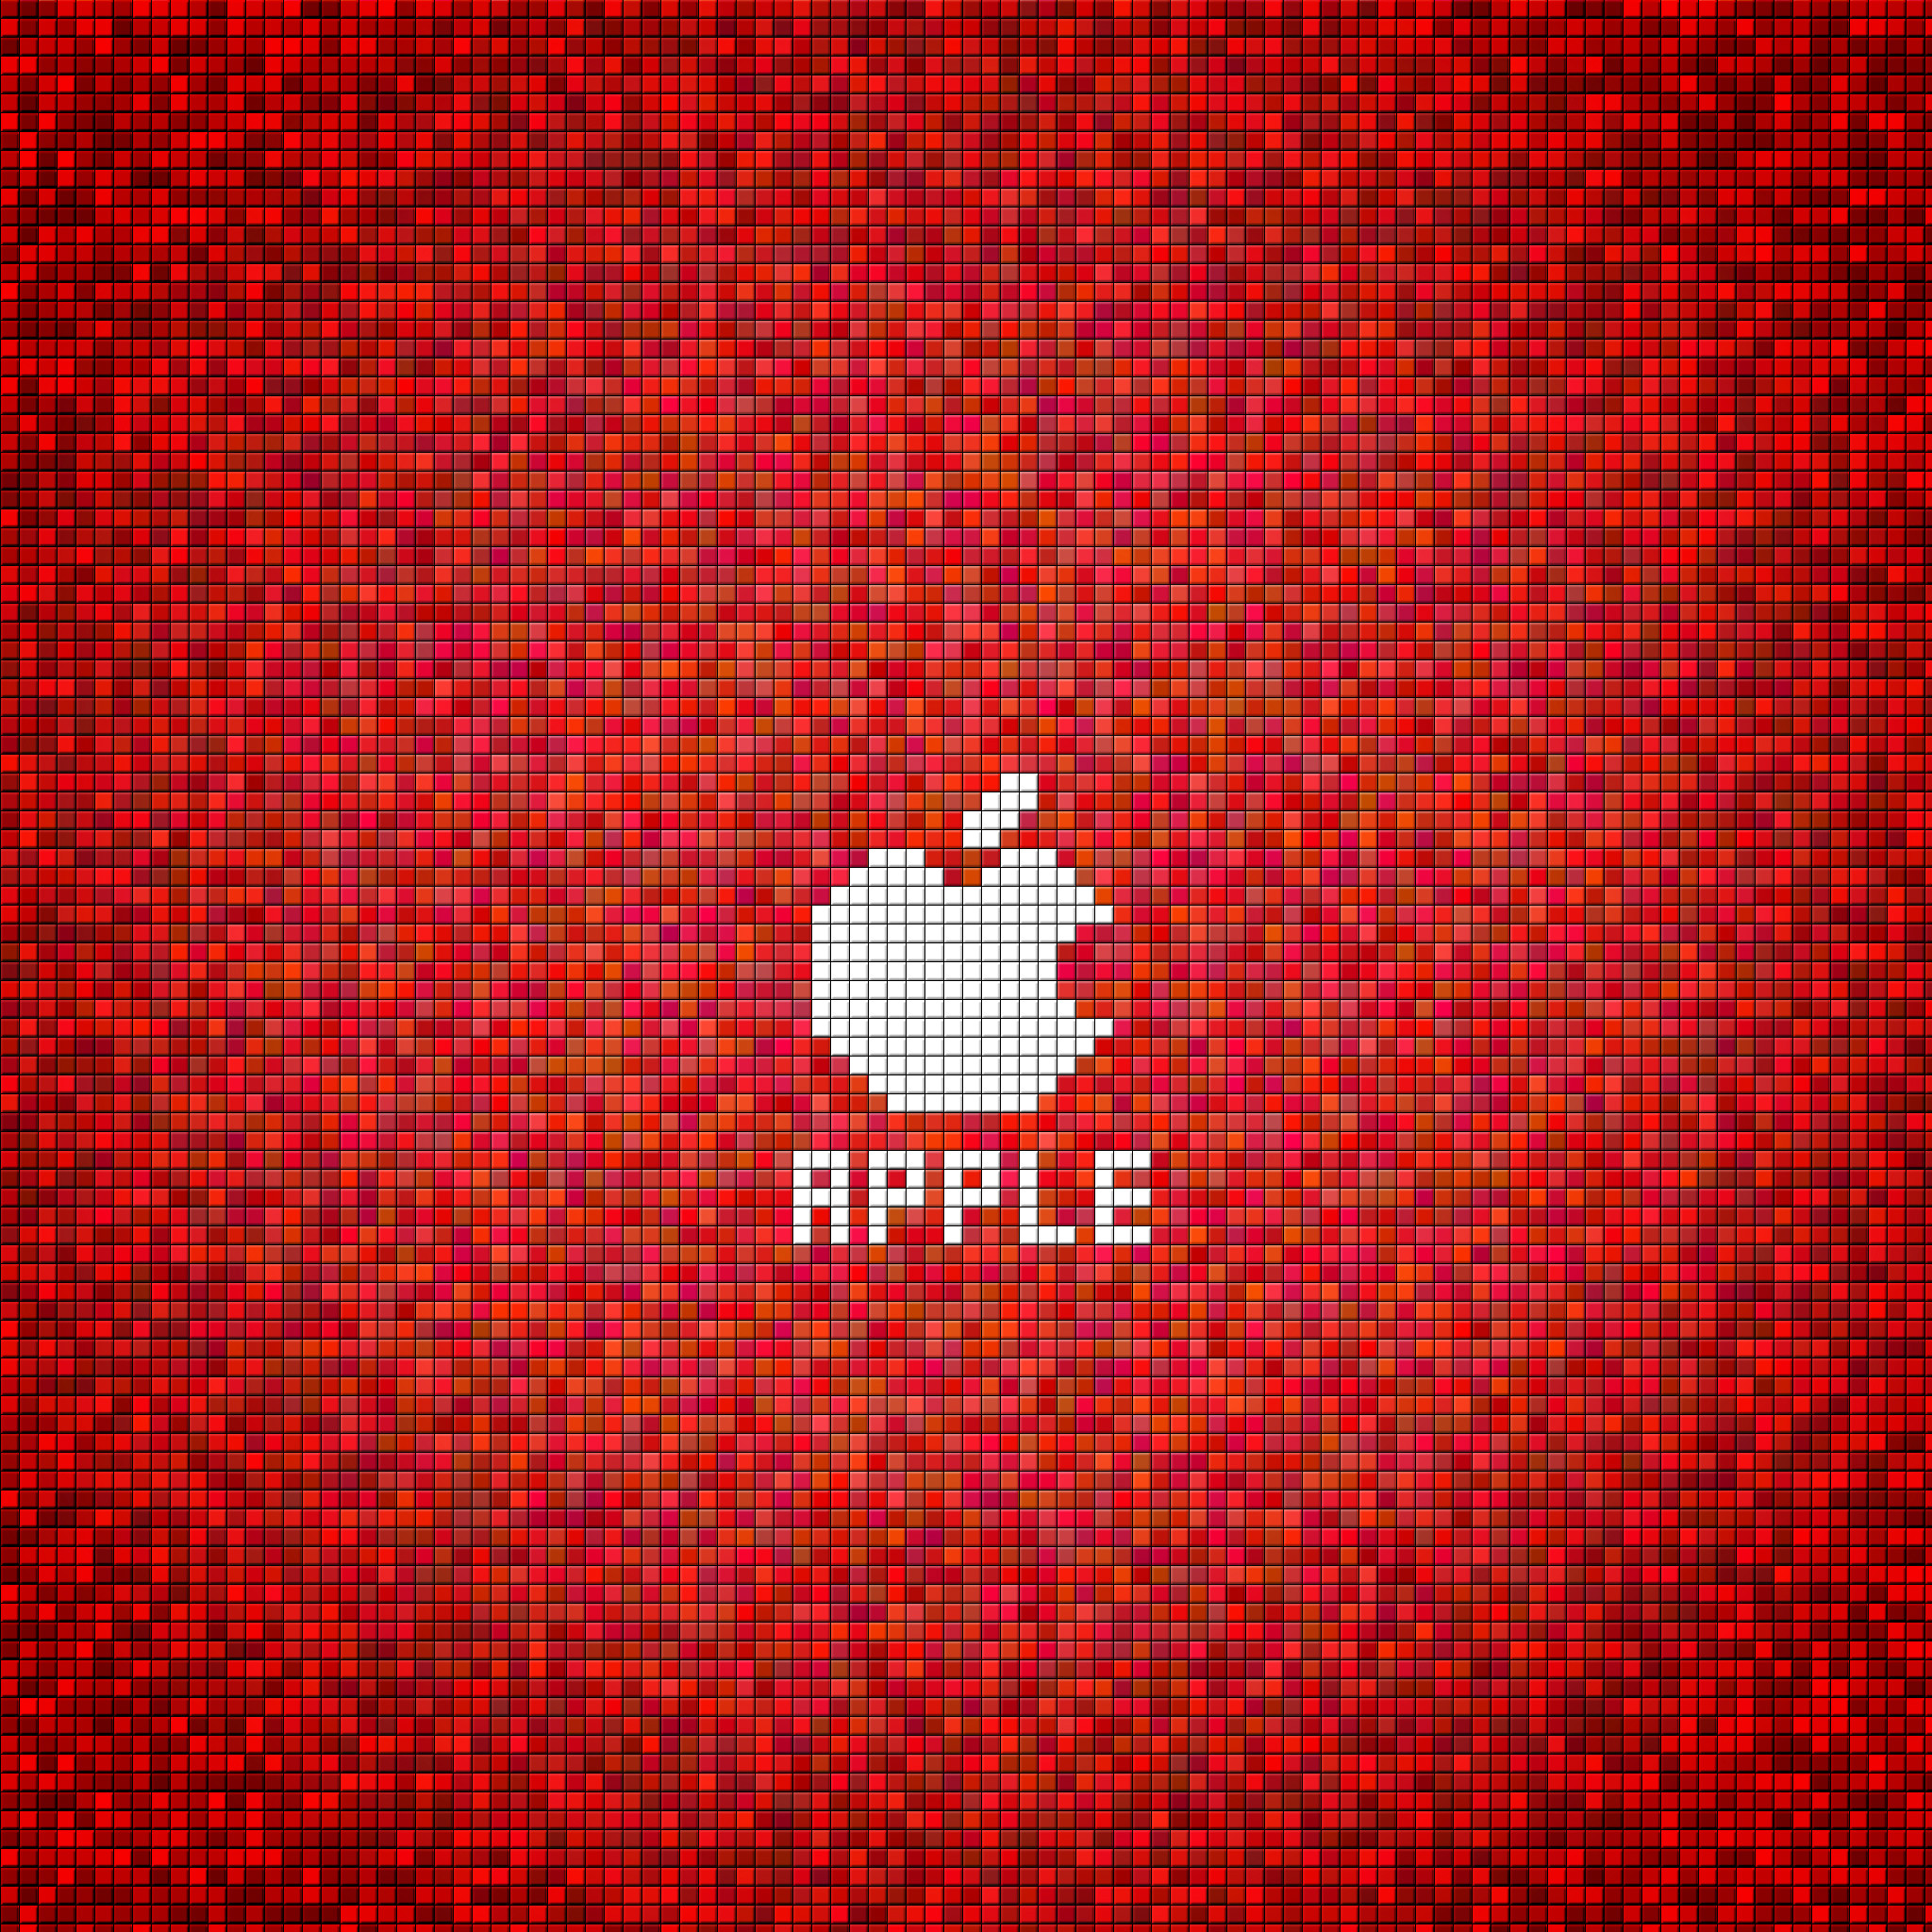 IPad Air Wallpaper 95 326424 Images HD Wallpapers Wallfoycom iPad 2048x2048